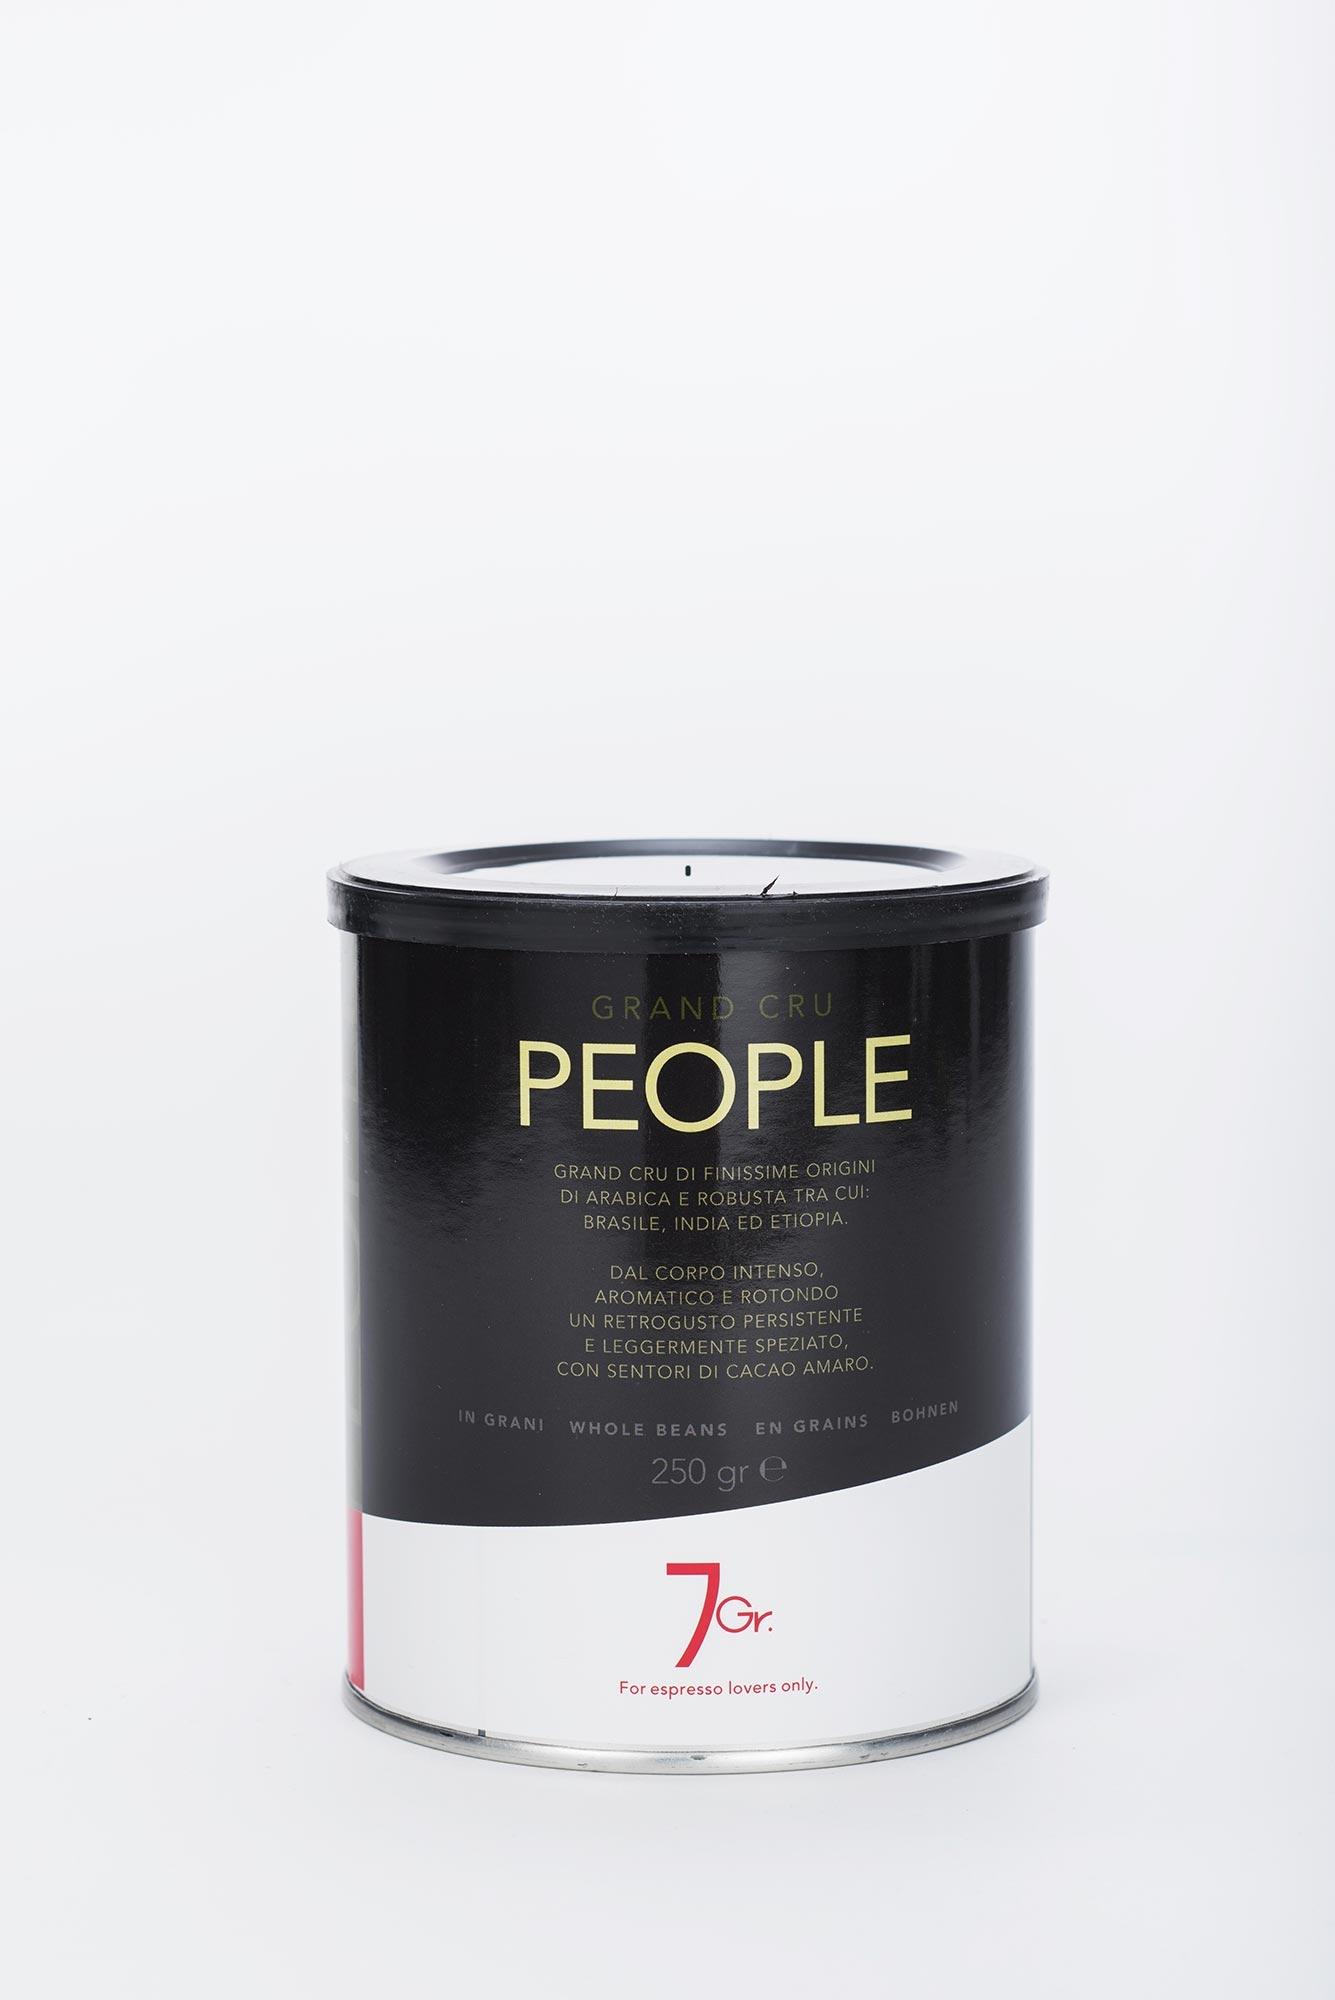 7gr caff people coffee grand cru 250g bohnen online kaufen roastmarket. Black Bedroom Furniture Sets. Home Design Ideas